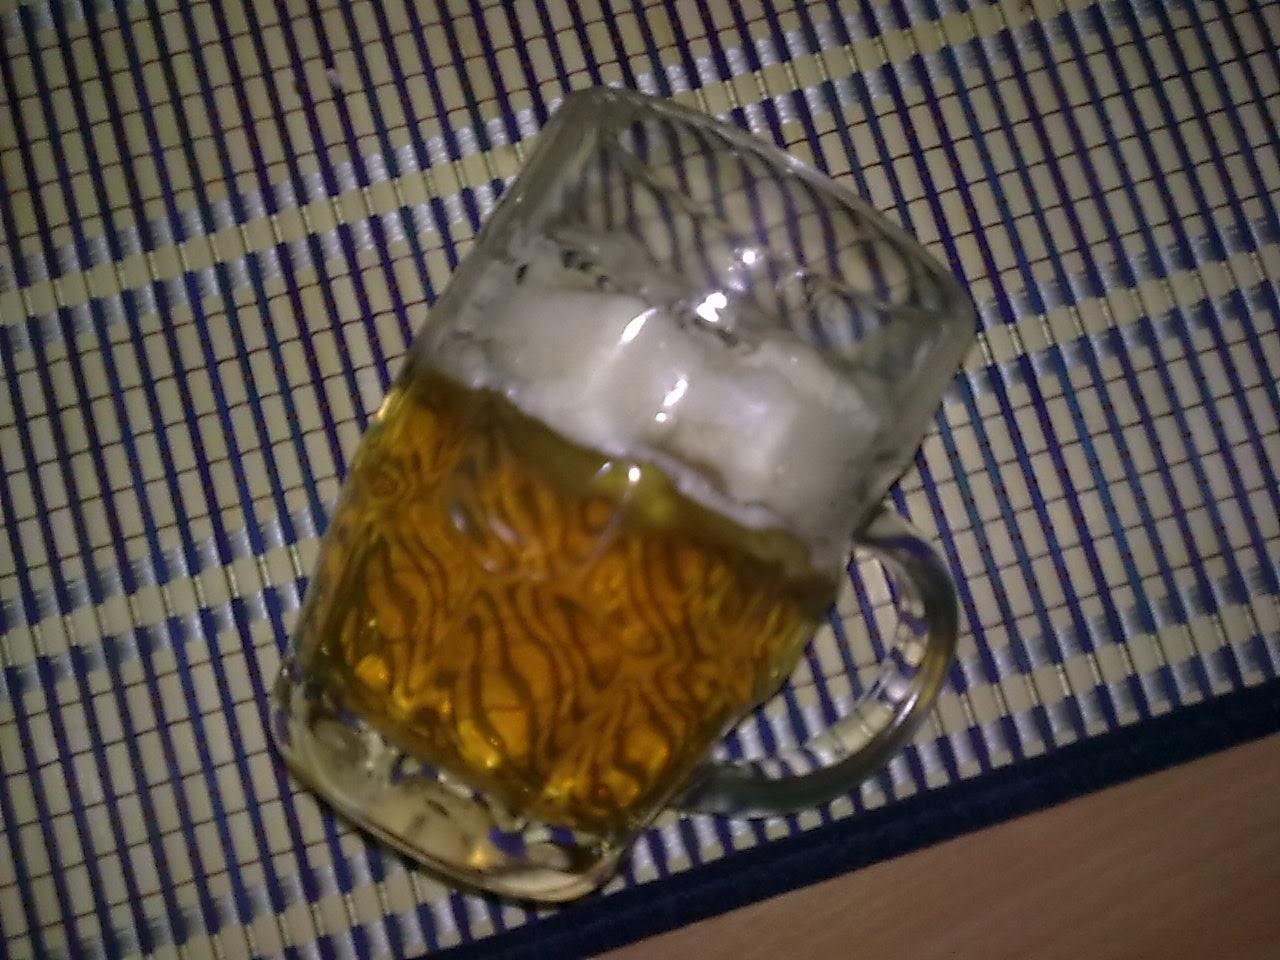 za ovu kriglu piva meni je bilo potrebno